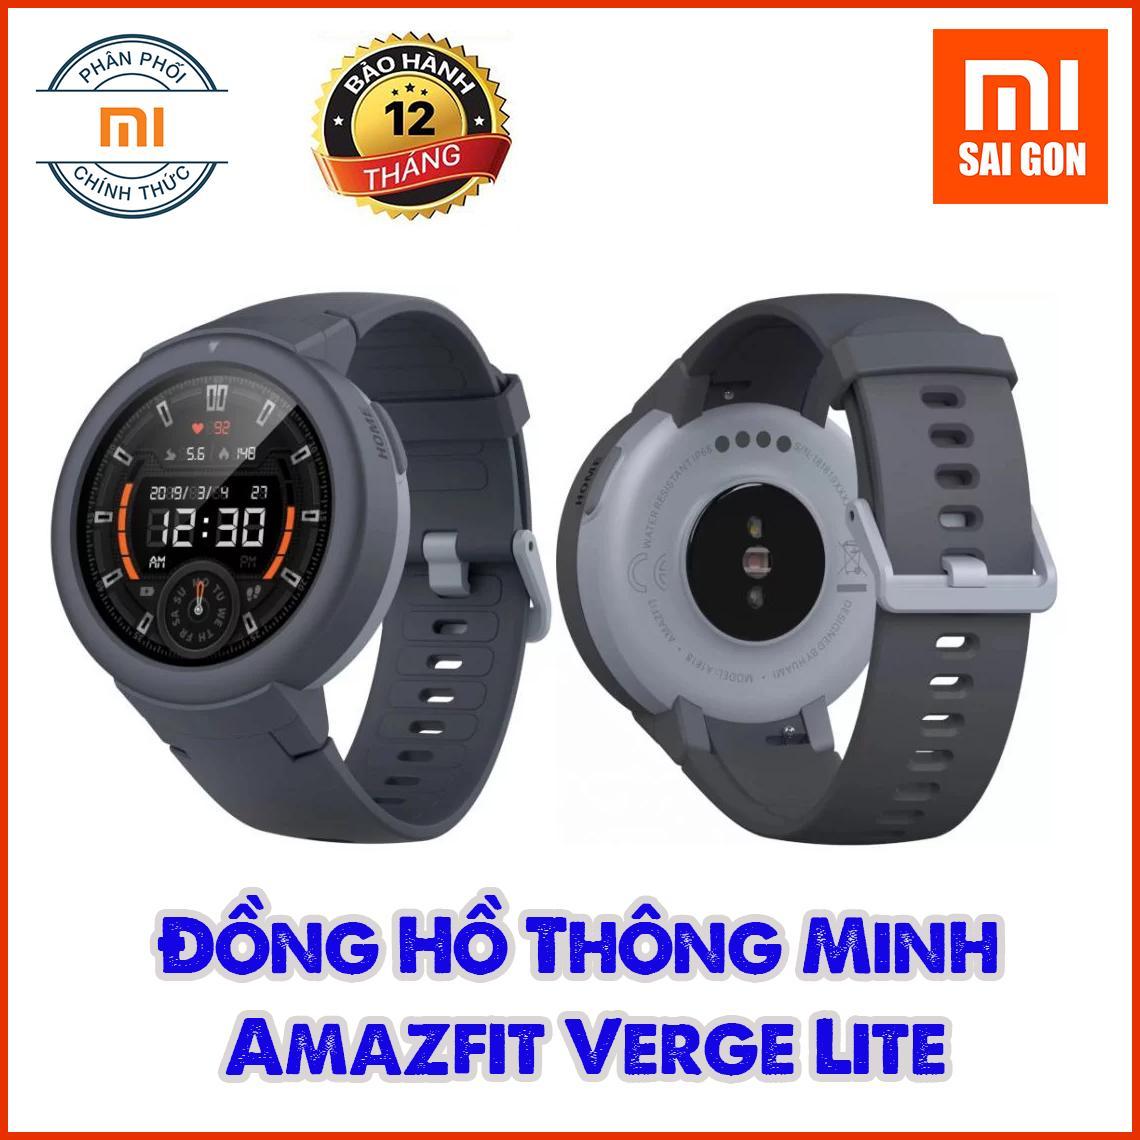 Đồng Hồ Thông Minh Xiaomi Huami Amazfit Verge Lite GPS A1818 - Grey - Hàng Chính Hãng